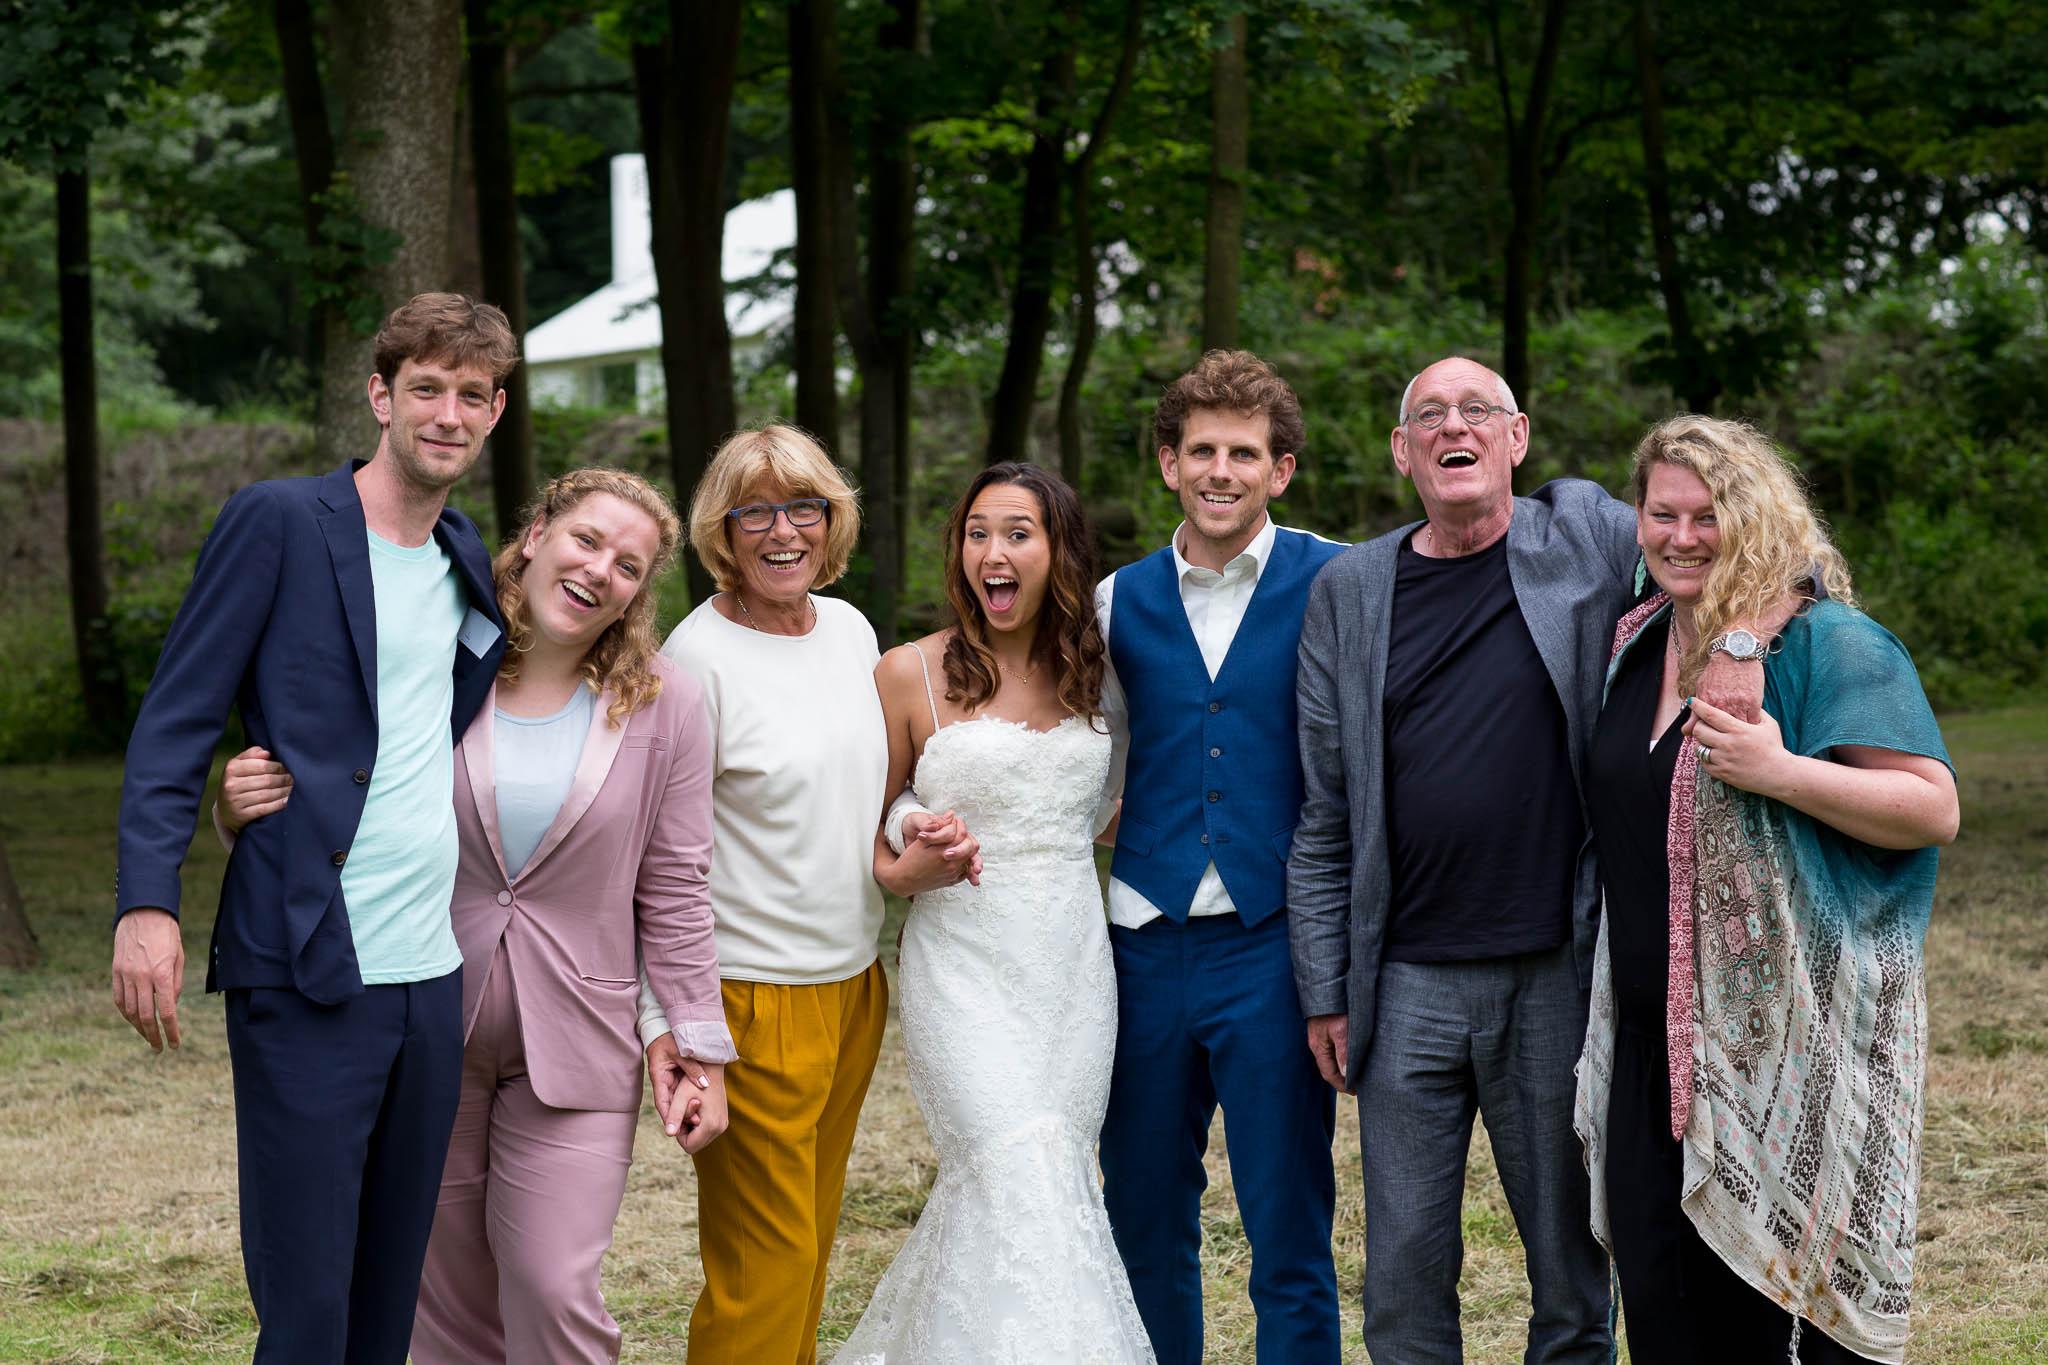 freebirdstories-com_wedding_christiaannina_lowres_698